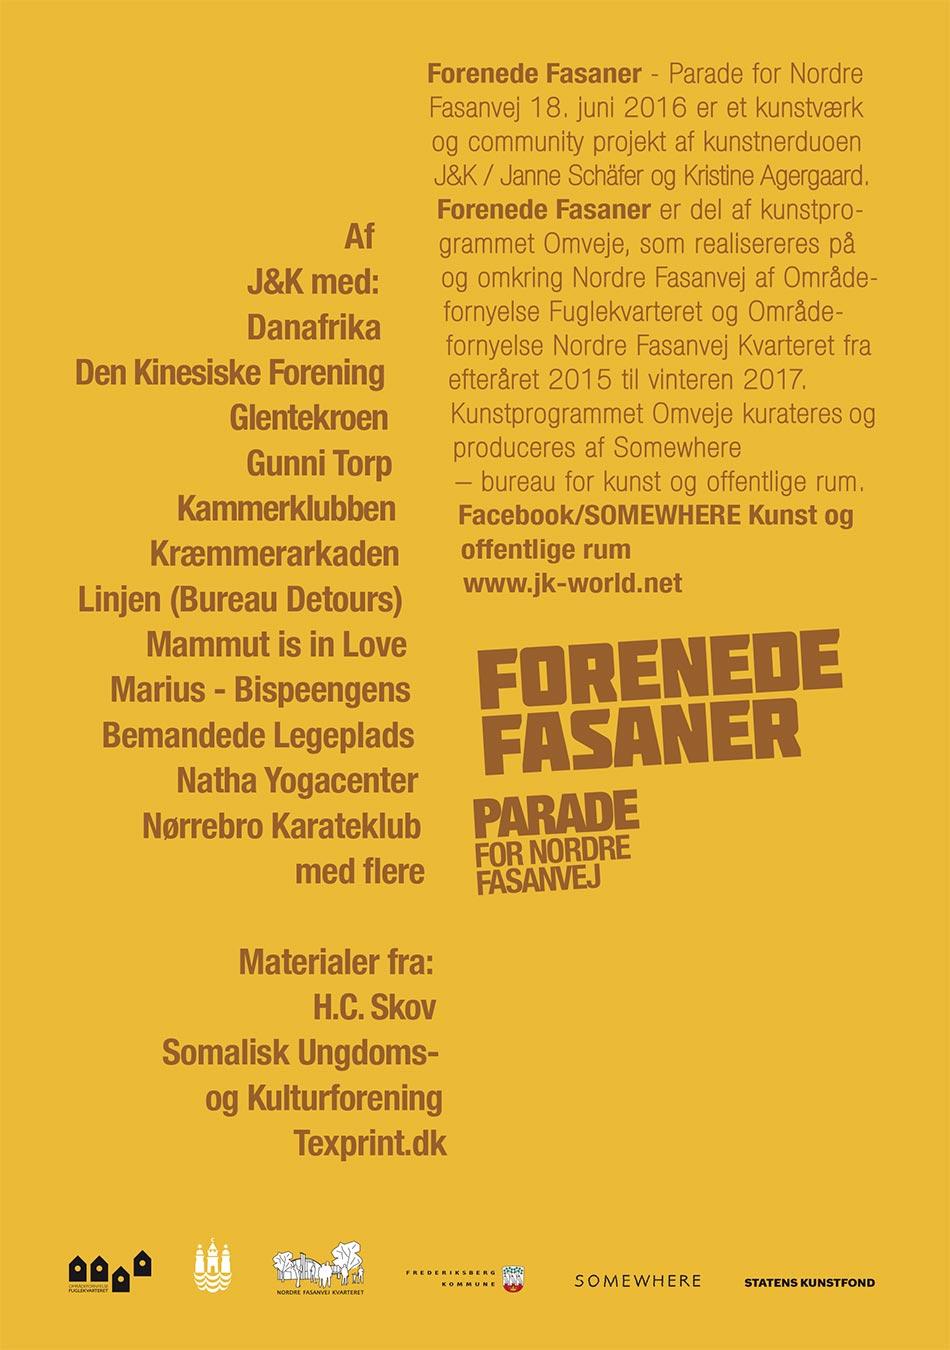 jk_forende_fasaner_flyer_mika_kokkonen_08b